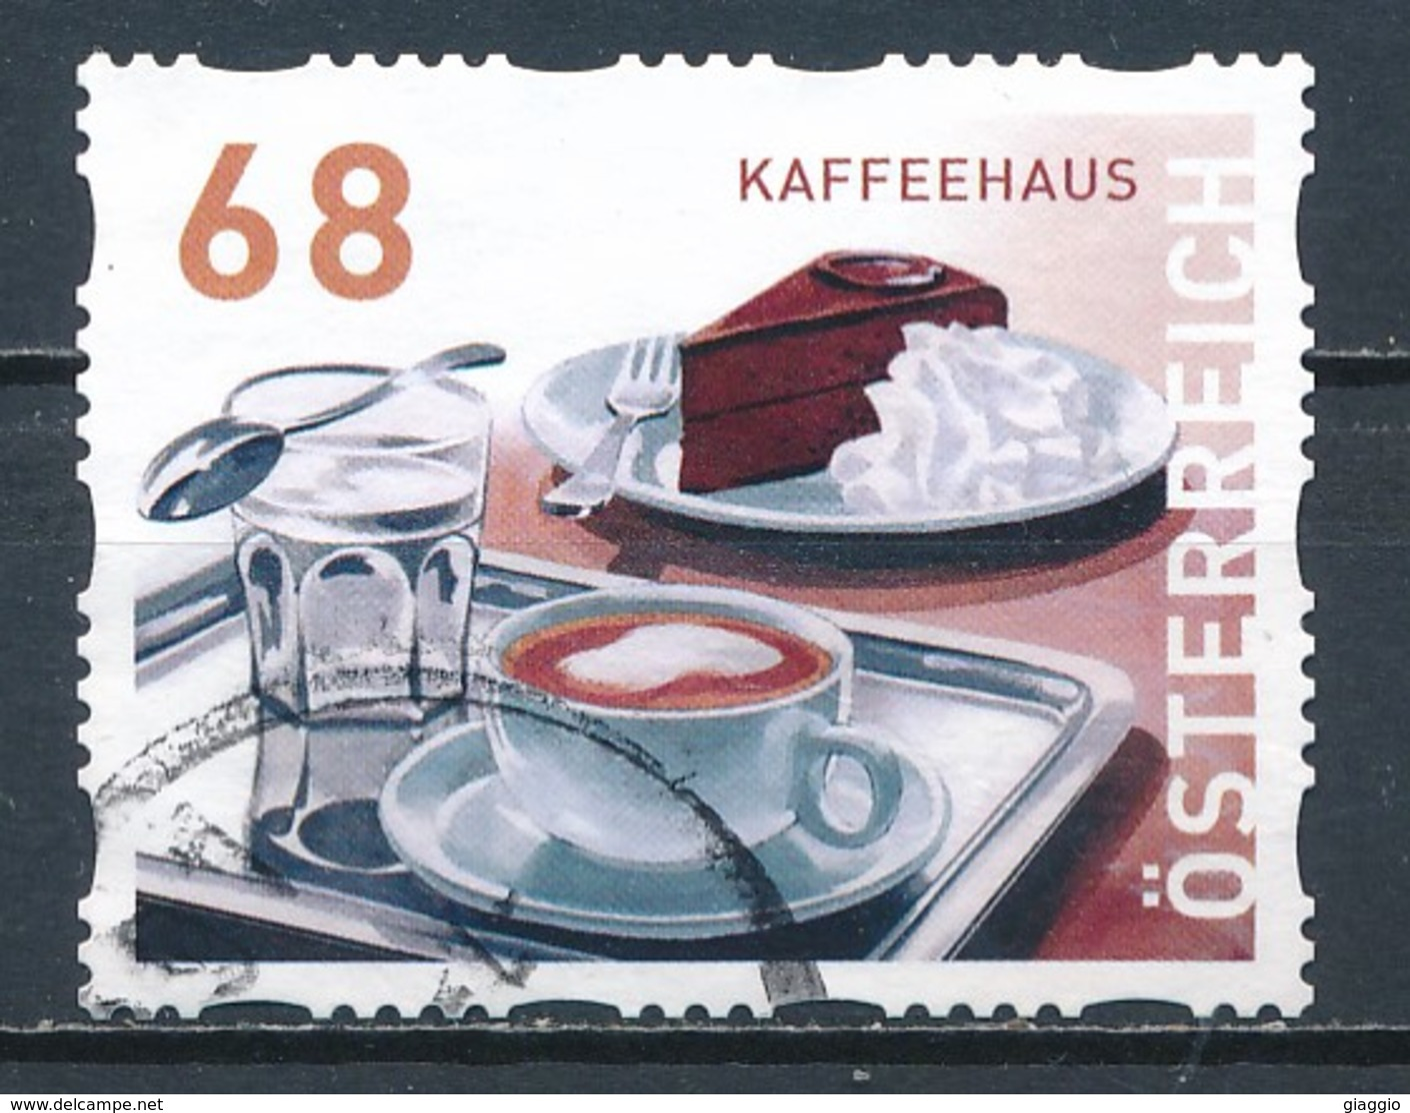 °°° AUSTRIA 2017 - KAFFEEHAUS °°° - 2011-... Used